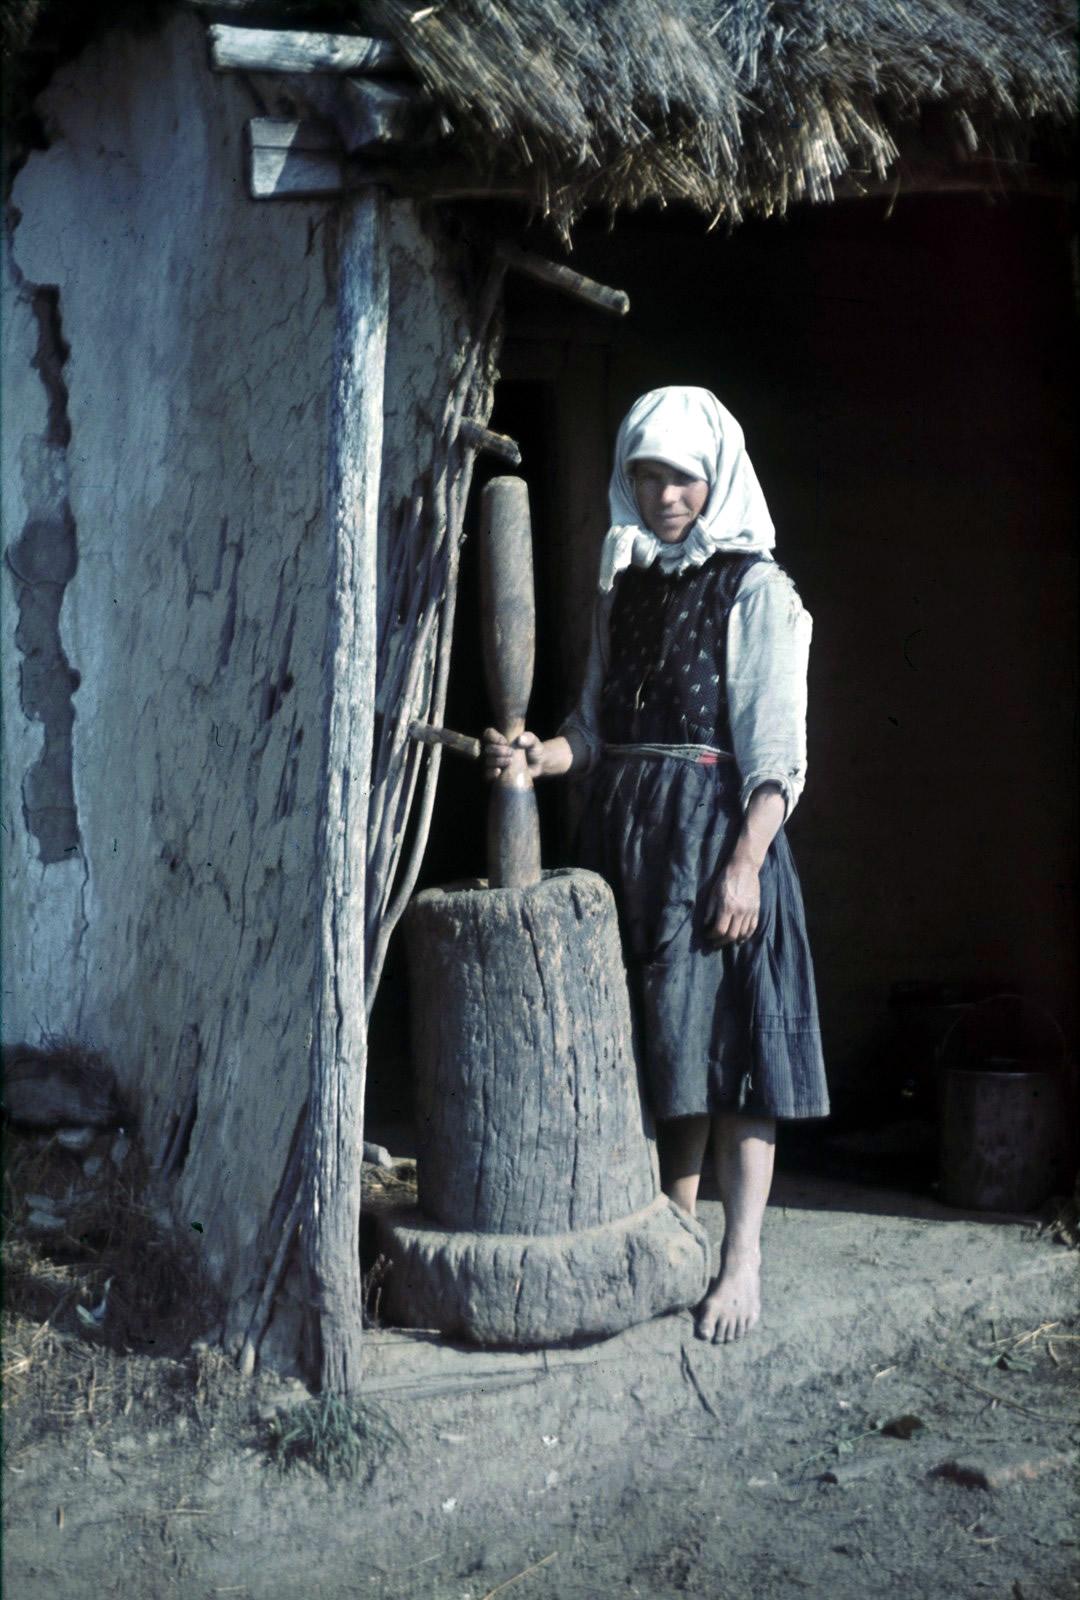 belgorod-by-franz-grasser-0668897